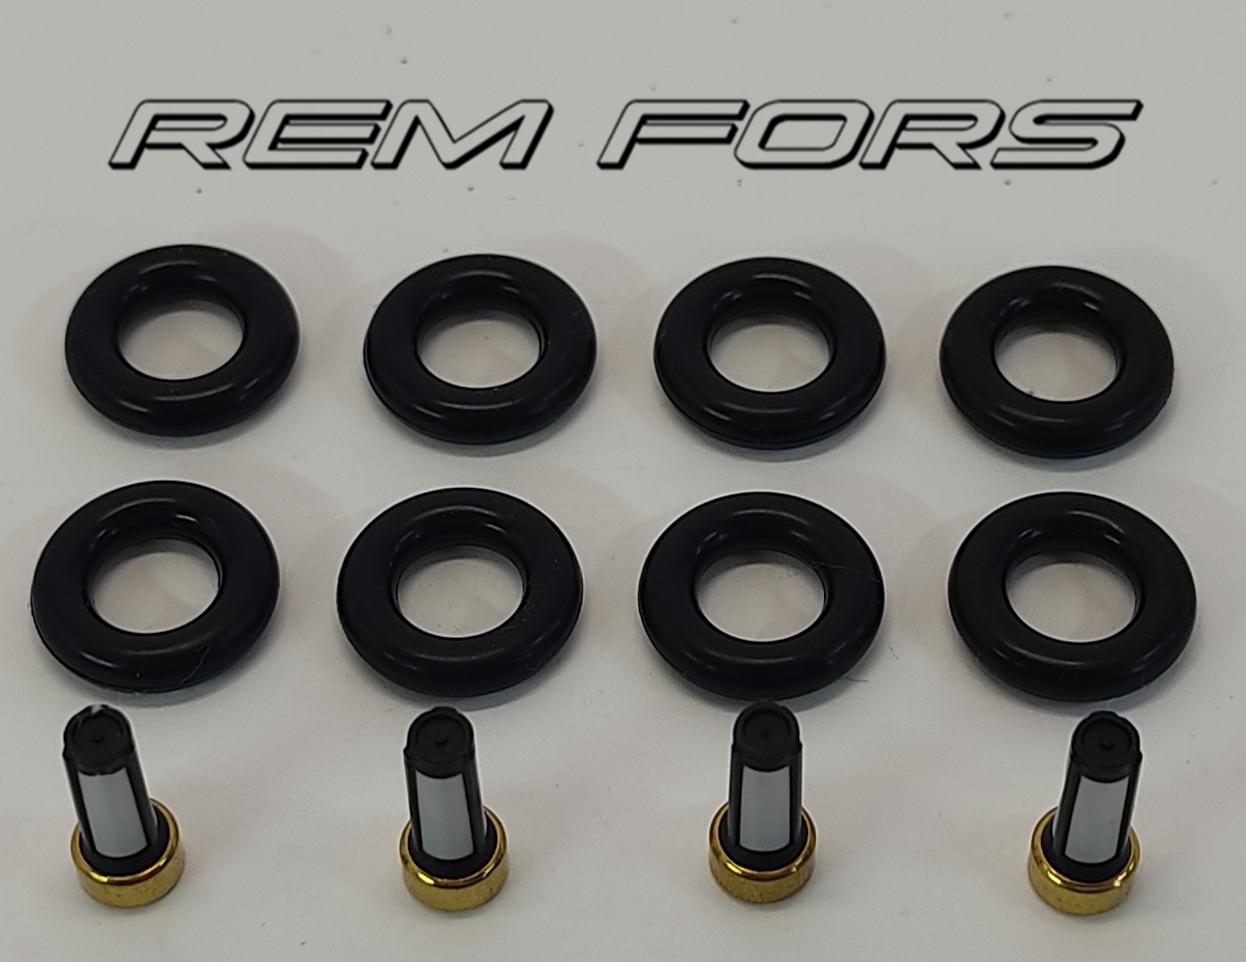 Ремкомплект форсунки для  2.0 24V - 2.5 24V   BMW 3 E46   99-05   ОЕ:1427240 2.5 24V   BMW 3 E46   99-05   ОЕ:13537546245 2.0 24V - 2.8 24V  BMW 5 E39   97-04   ОЕ:1427240